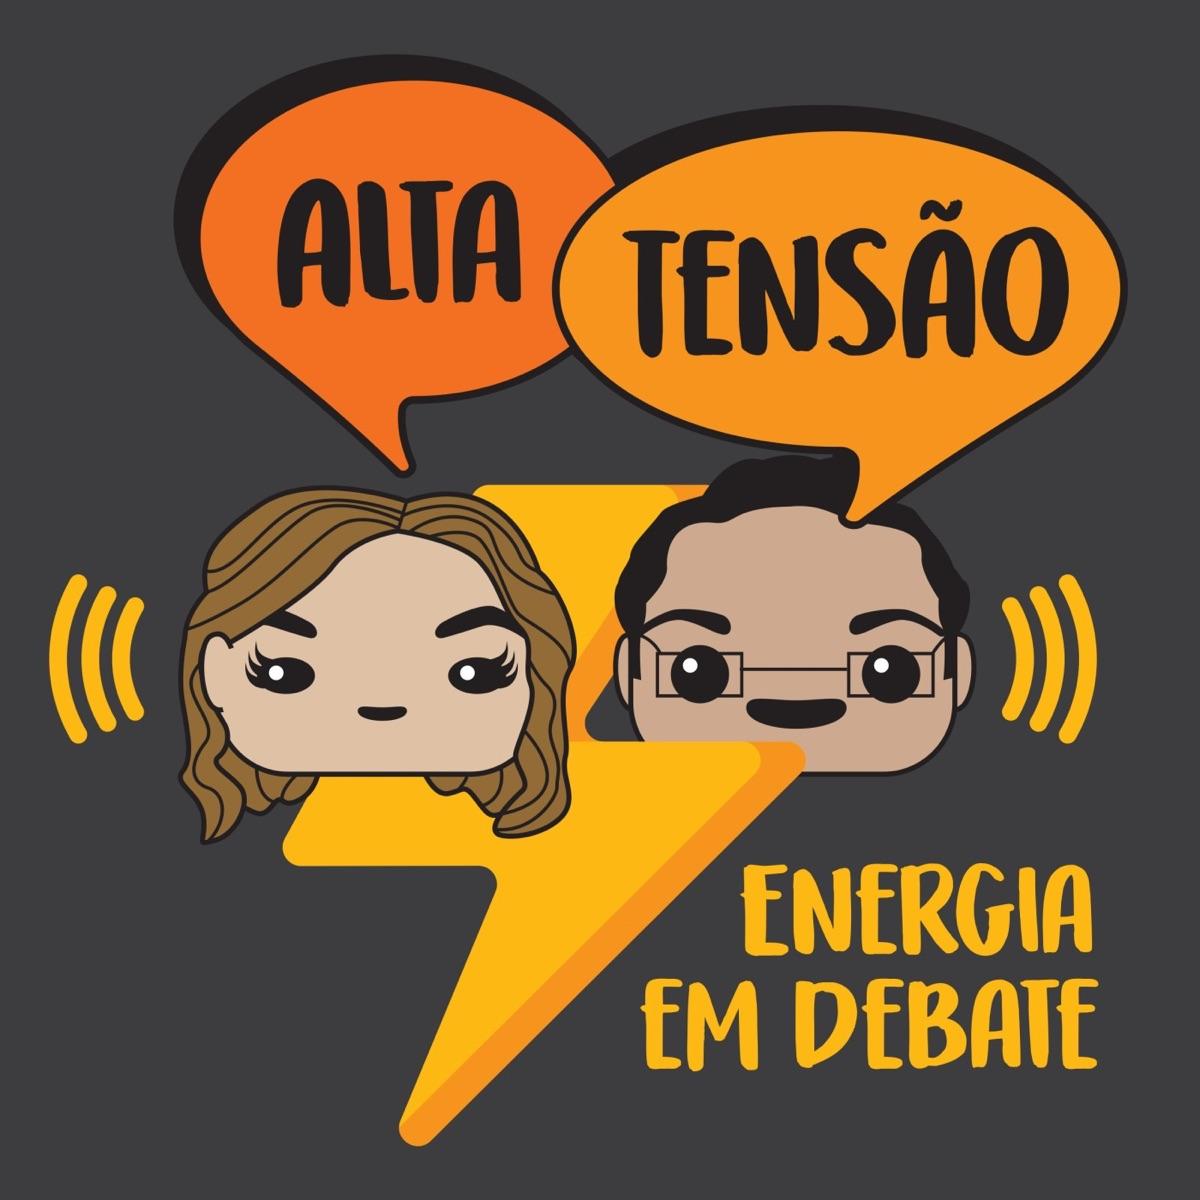 Alta Tensão: Energia em Debate